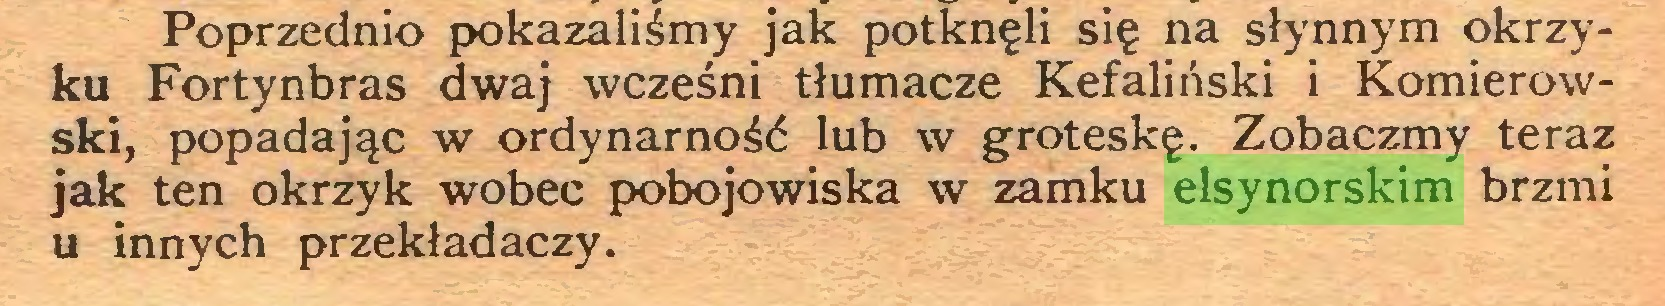 (...) Poprzednio pokazaliśmy jak potknęli się na słynnym okrzyku Fortynbras dwaj wcześni tłumacze Kefaliński i Komierowski, popadając w ordynarność lub w groteskę. Zobaczmy teraz jak ten okrzyk wobec pobojowiska w zamku elsynorskim brzmi u innych przekładaczy...